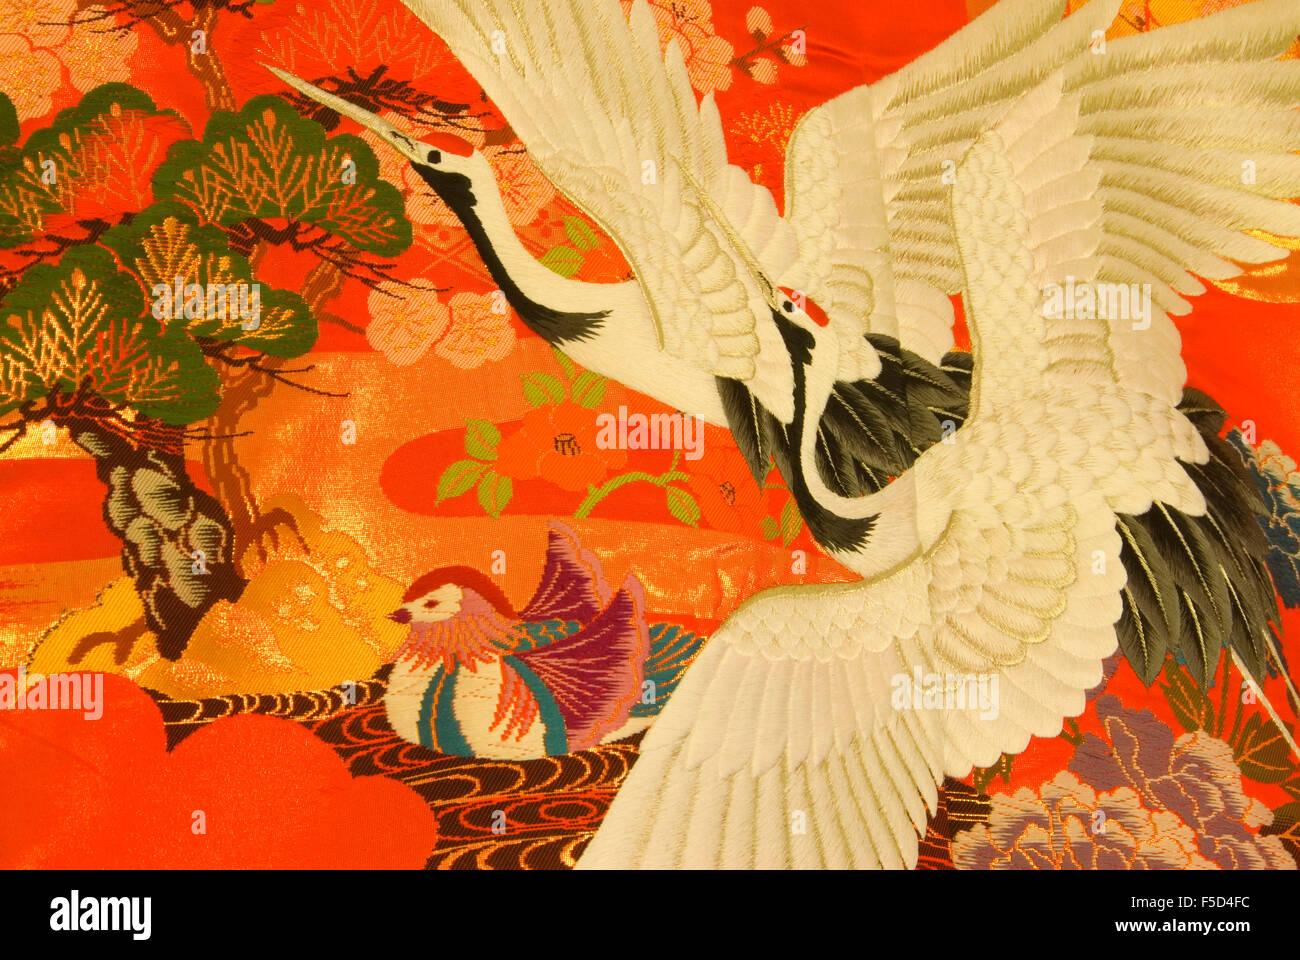 Japanese Kimono Textile Stock Photos & Japanese Kimono Textile Stock ...